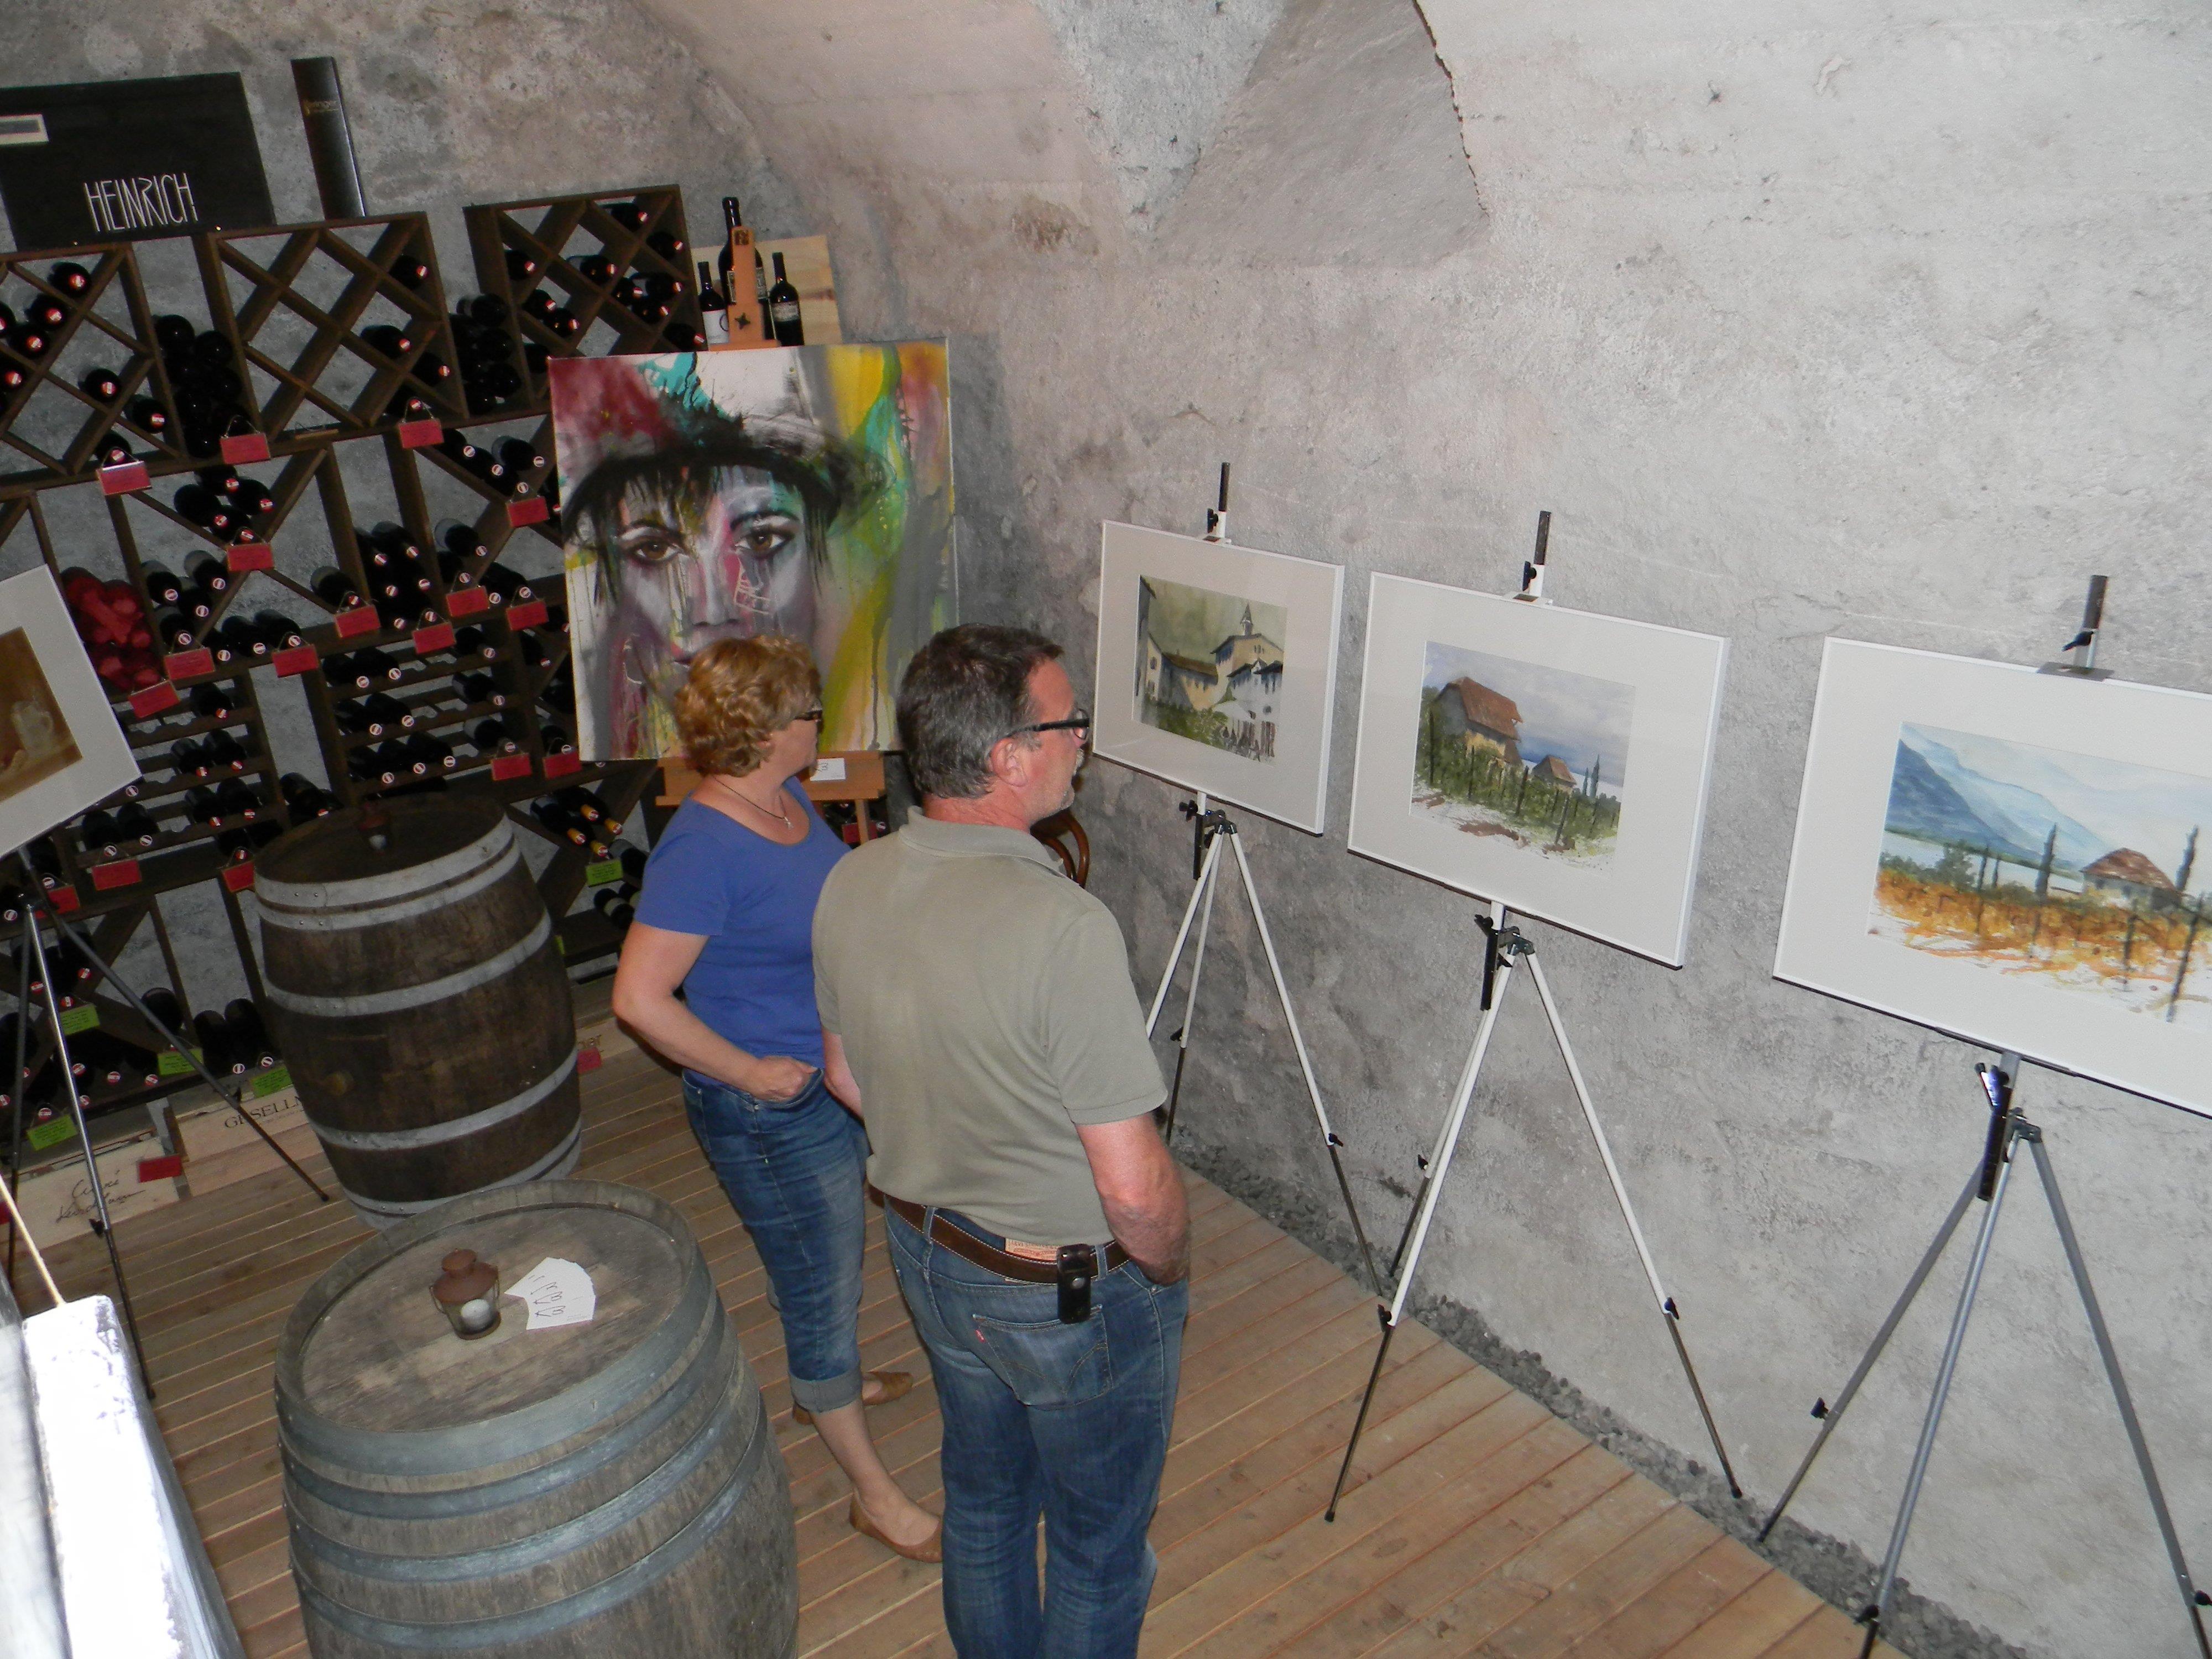 Bei einem Rundgang durch sechs Keller können zahlreiche Kunstwerke besichtigt werden